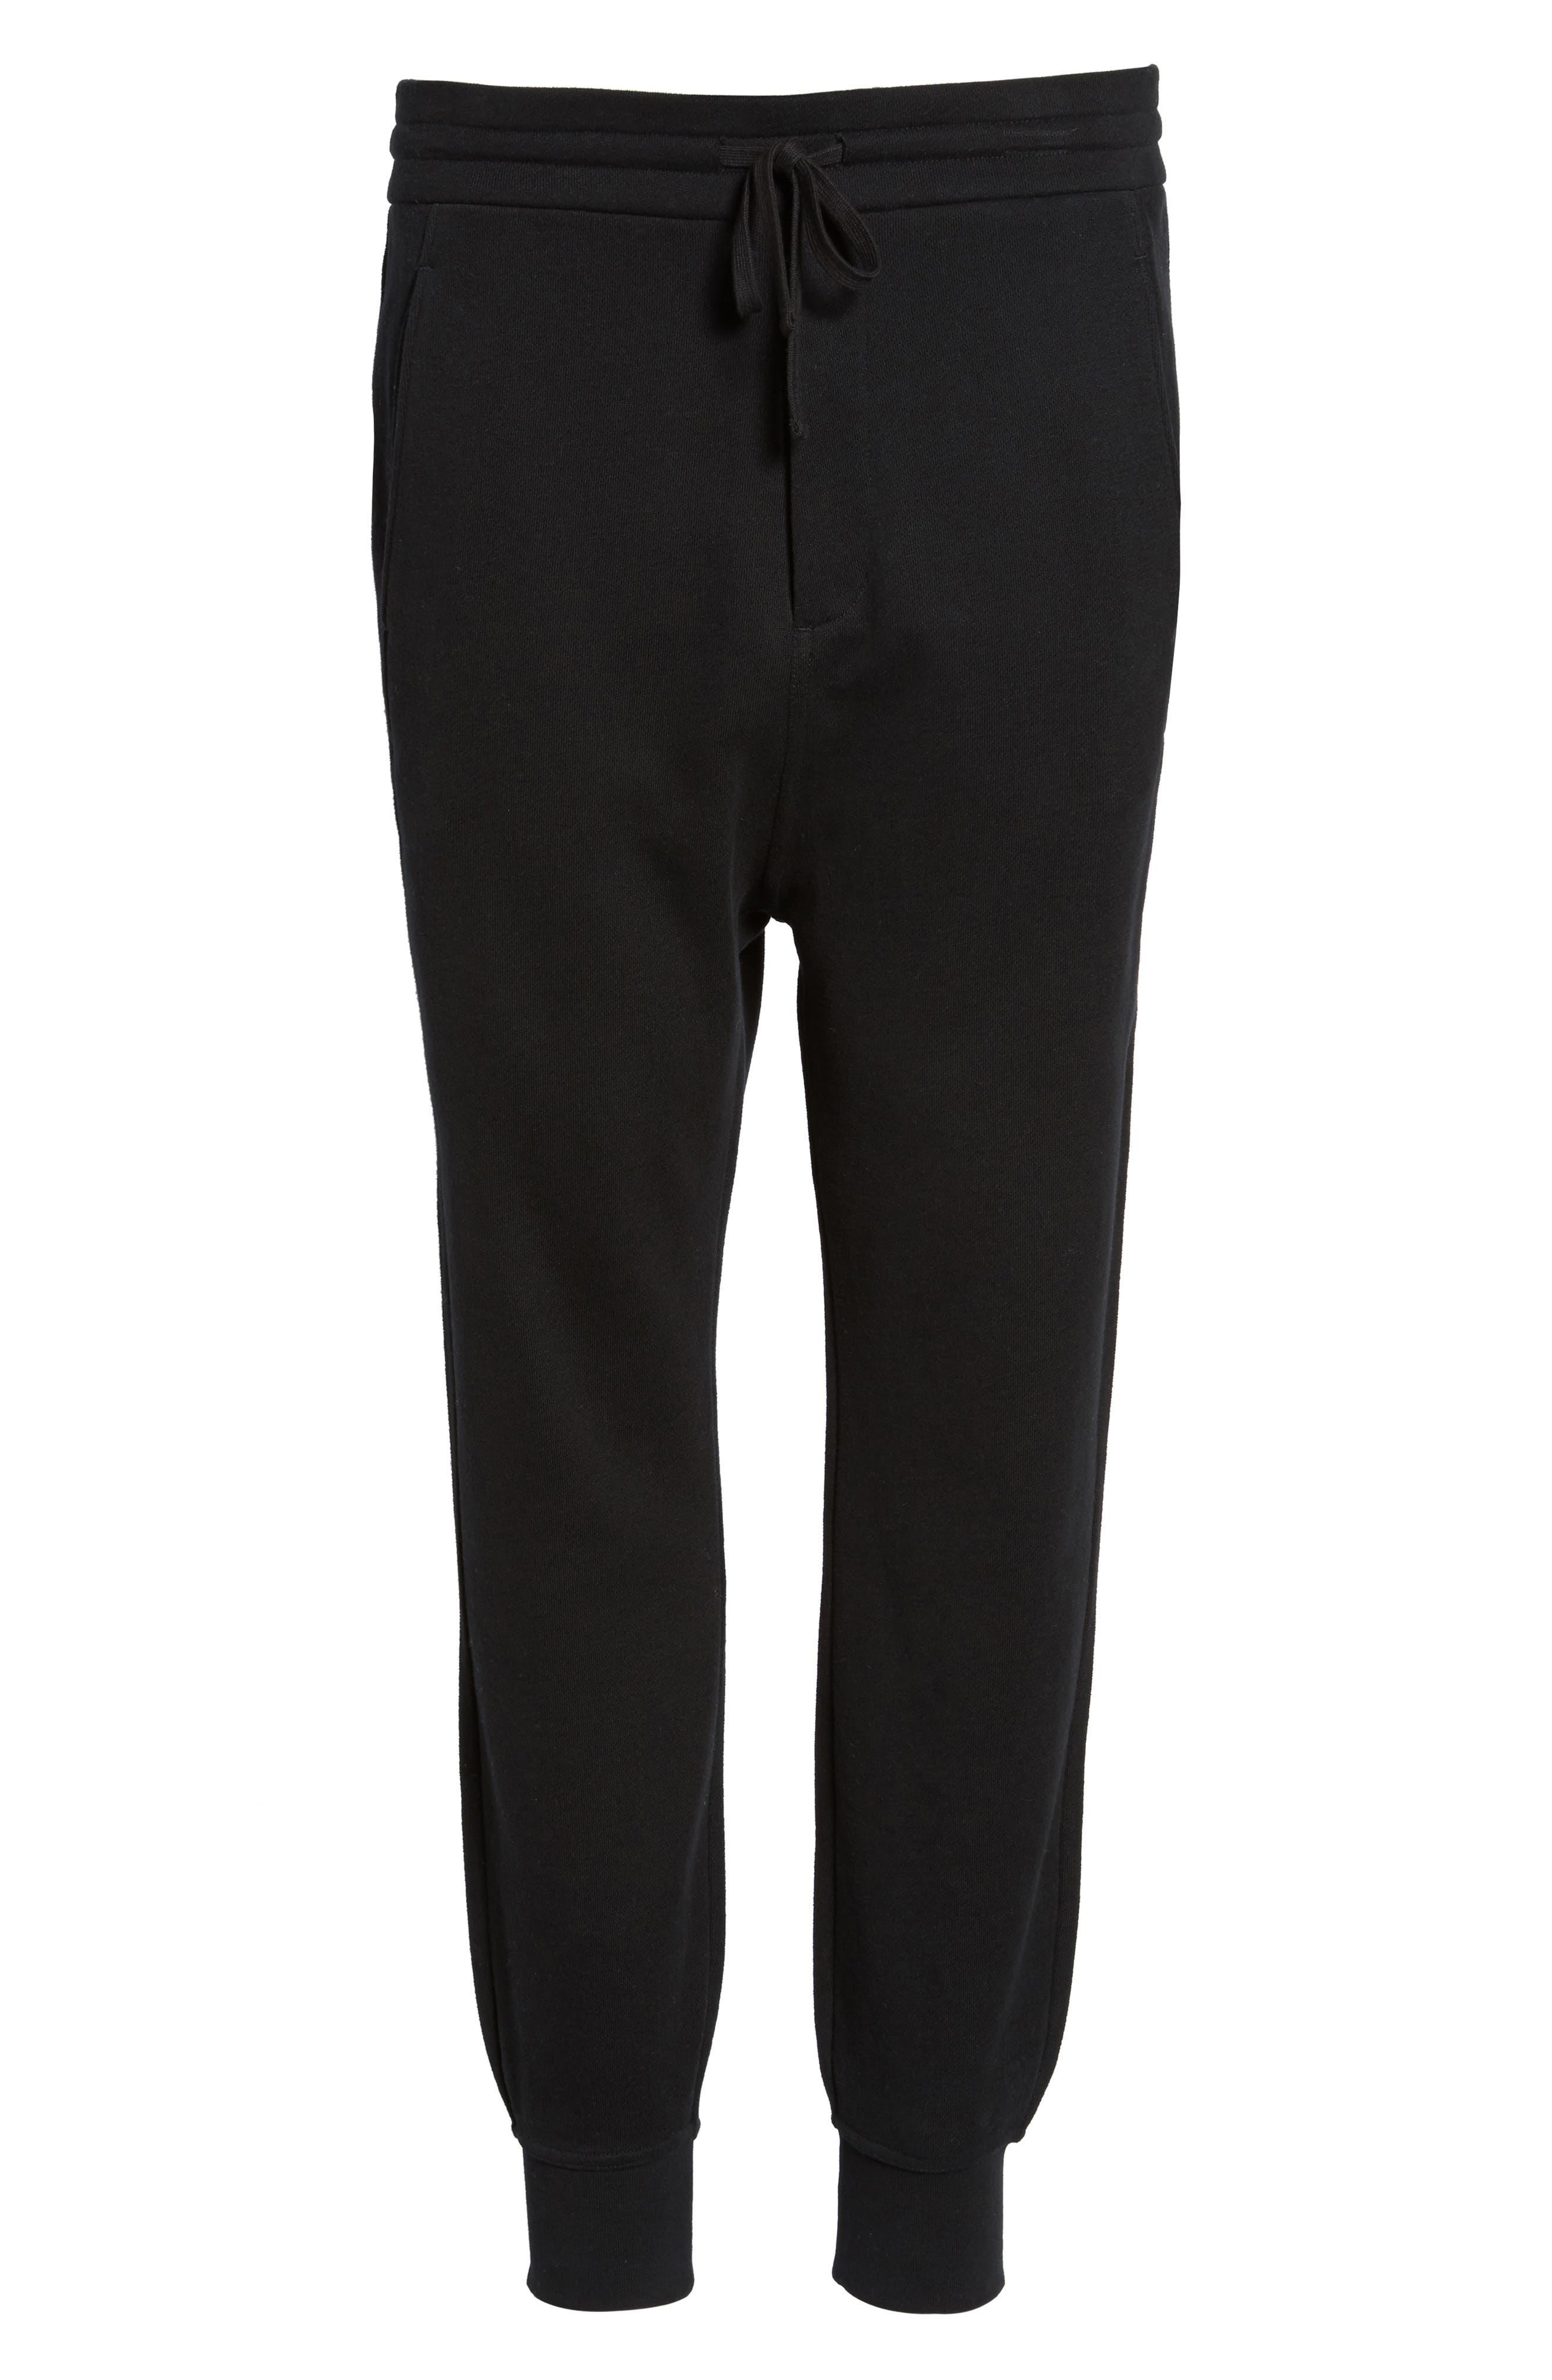 Regular Fit Sweatpants,                             Alternate thumbnail 6, color,                             001